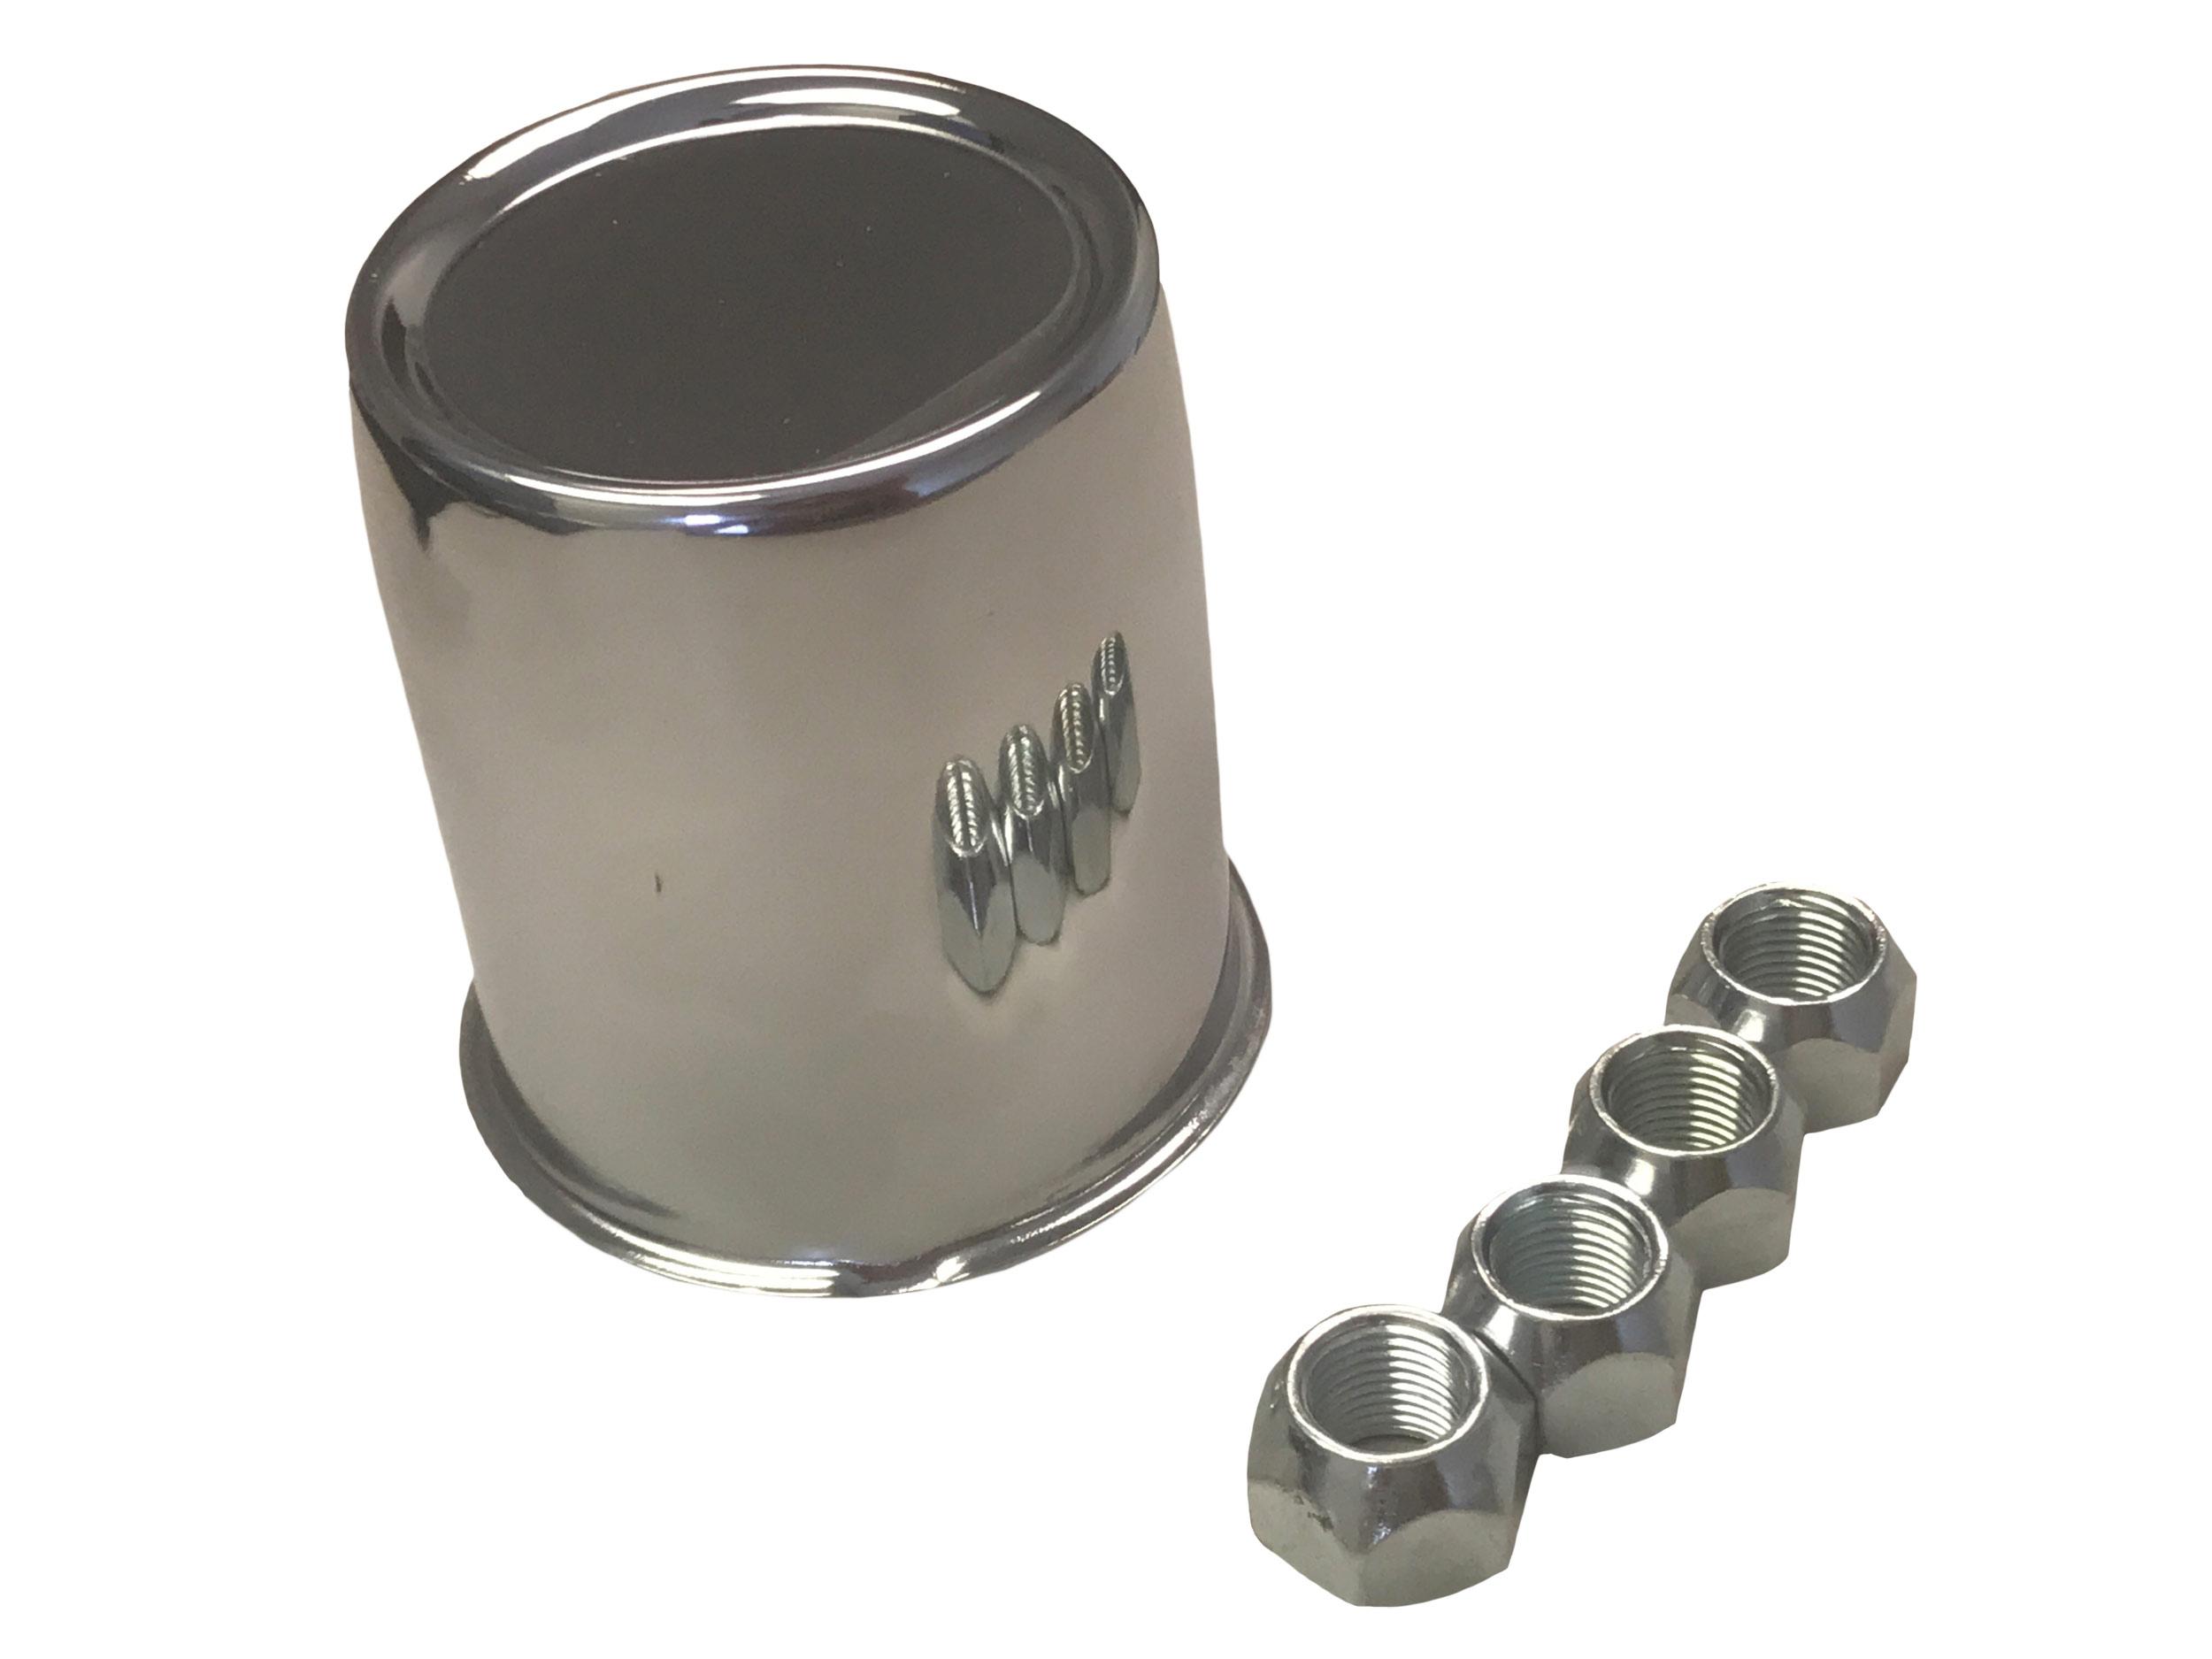 Axle Cover Trim Kit Chrome Center Cap With Chrome Lug